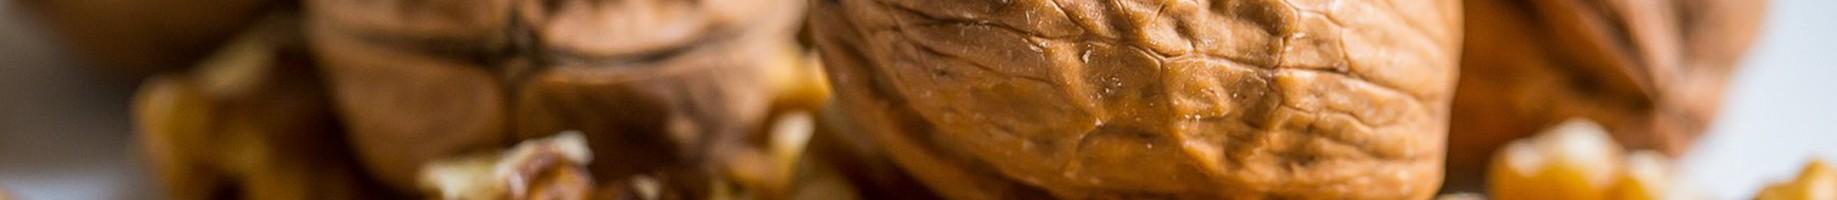 walnut-2816934_1280